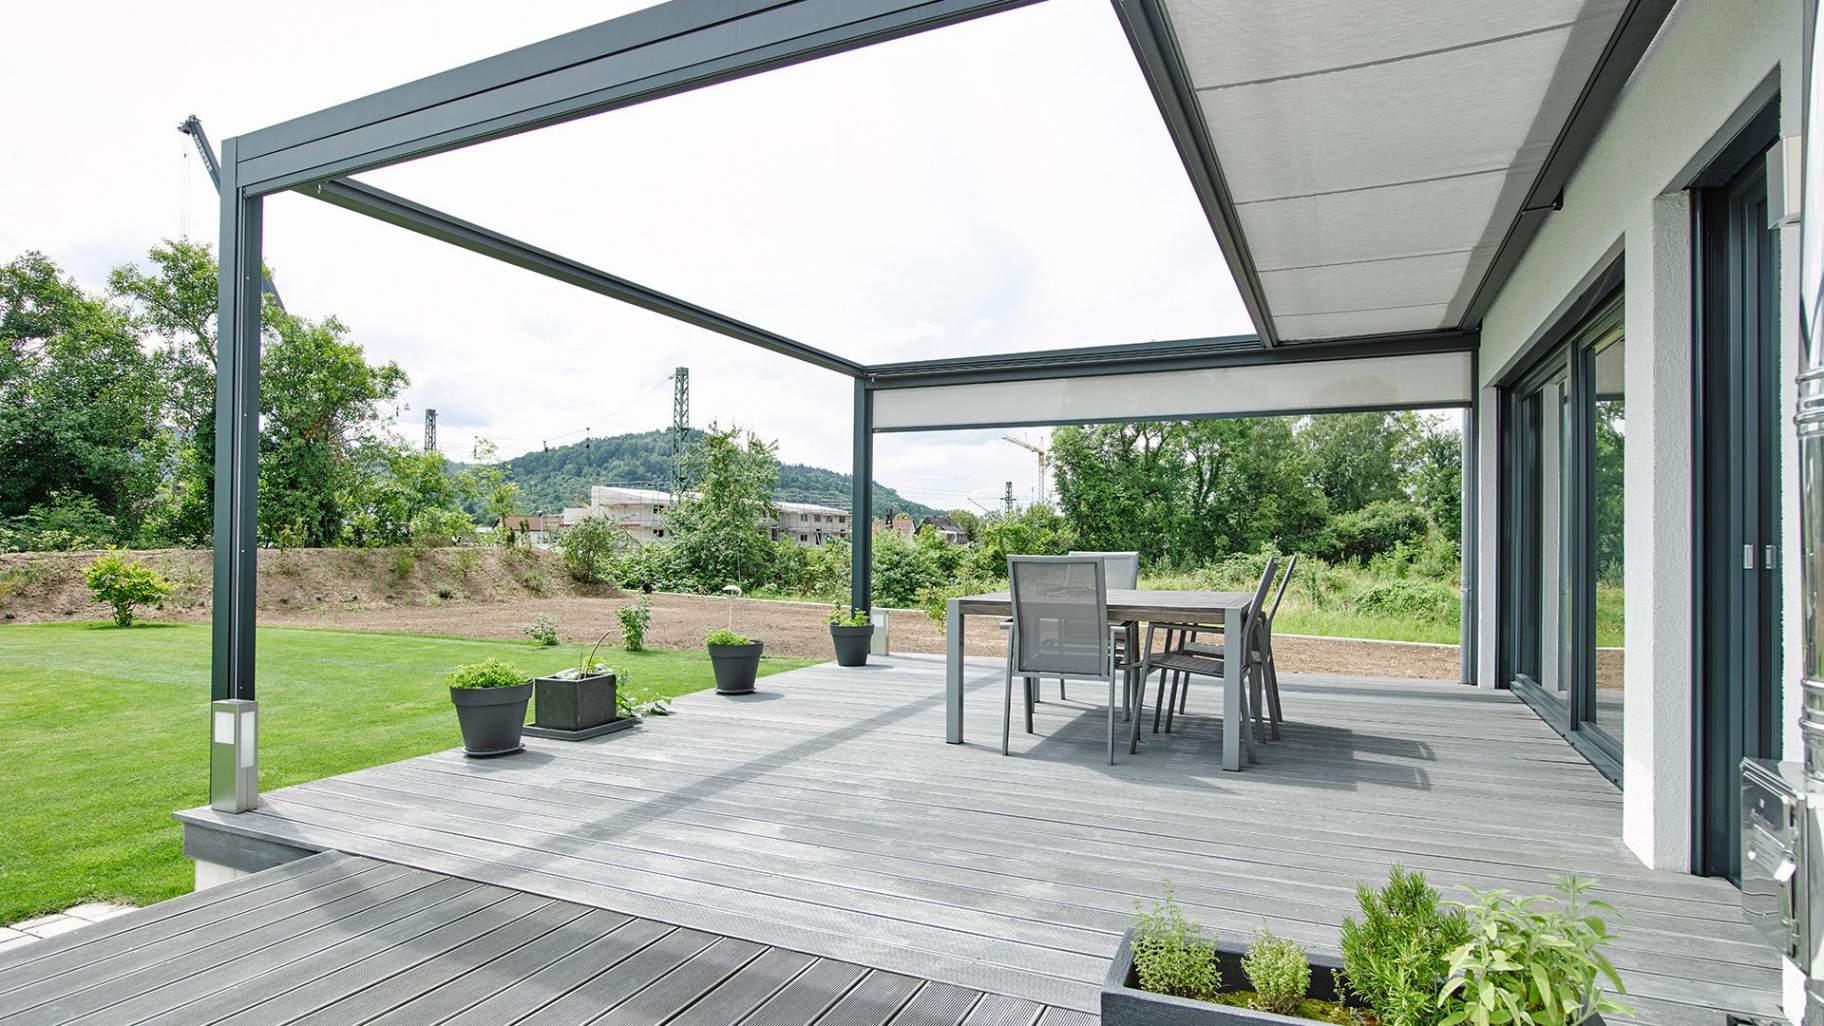 erstklassige sonnenschutz losungen fur balkon terrasse markisen sonnenschutz garten terrasse sonnenschutz garten terrasse